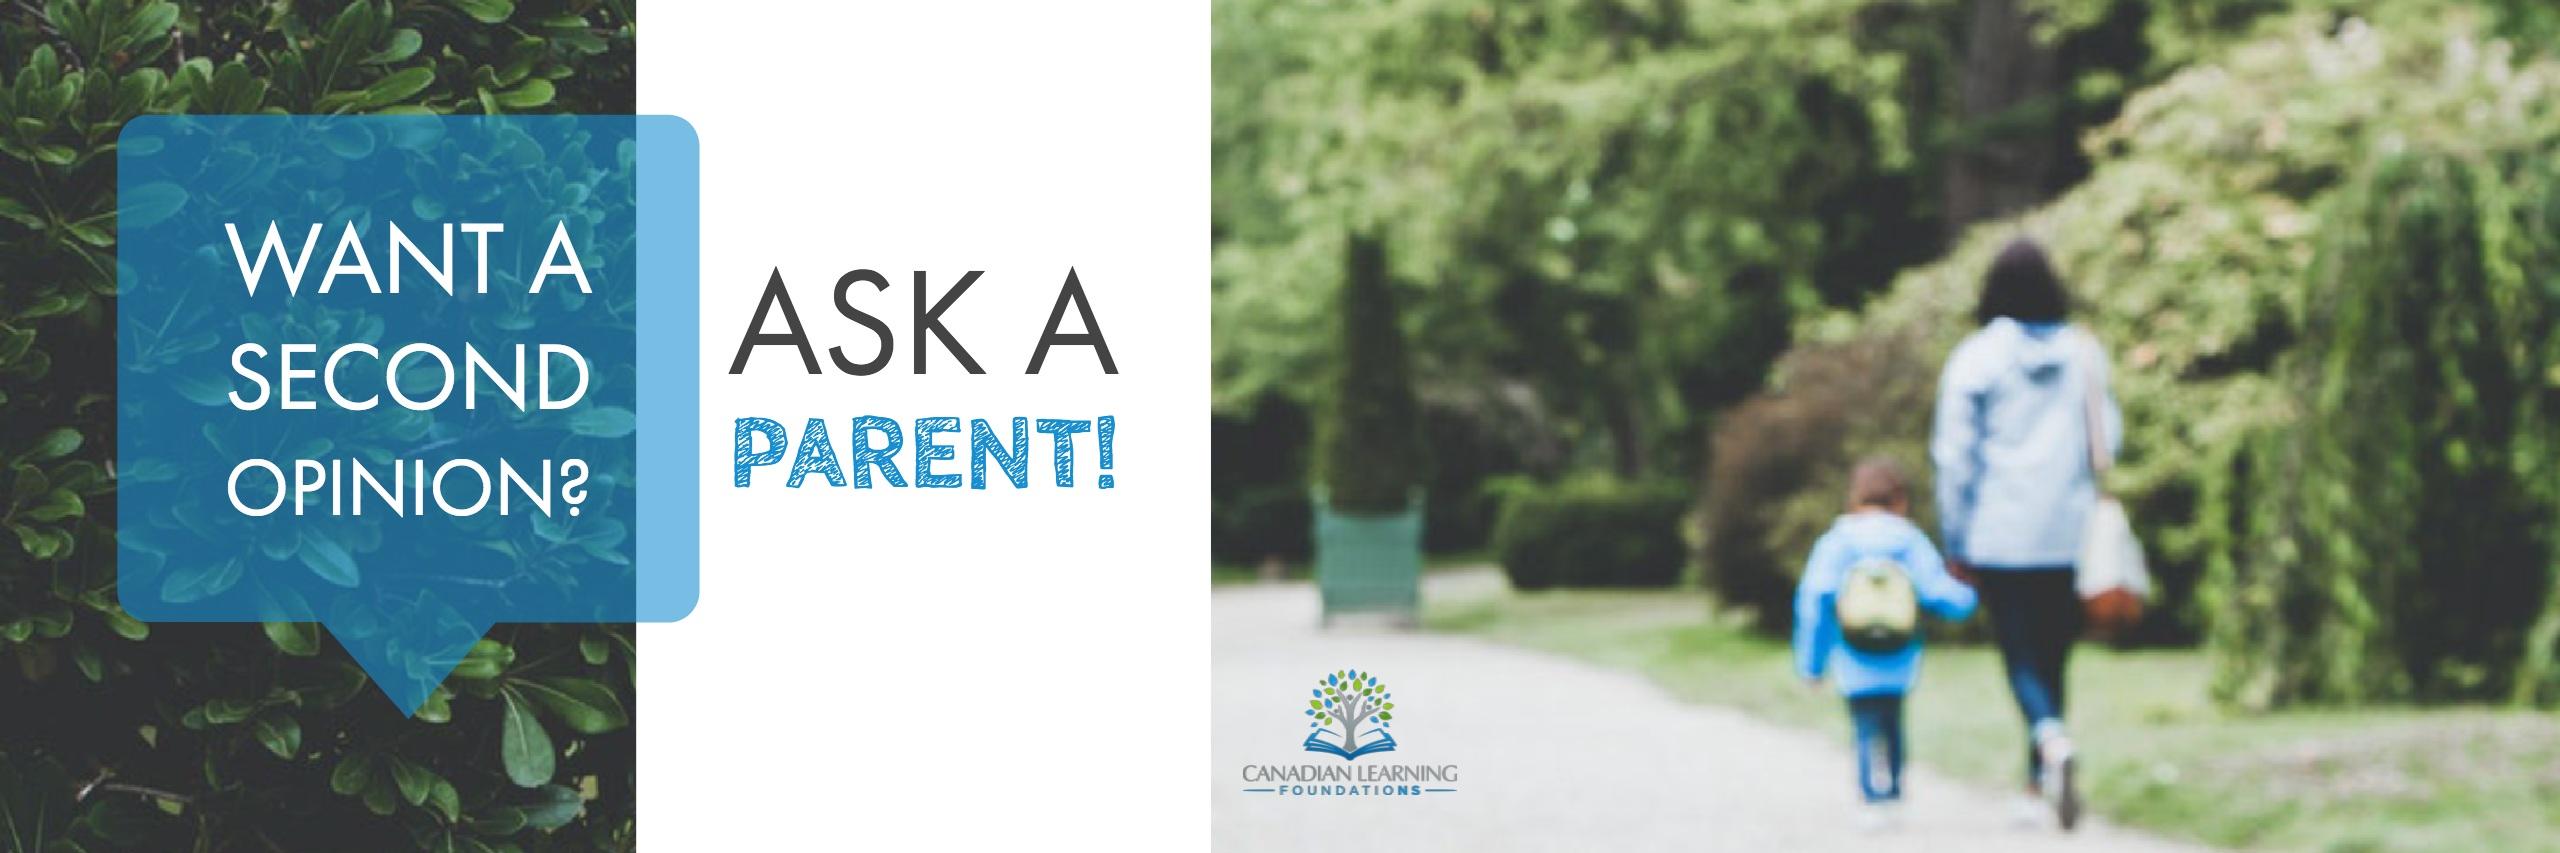 Ask a Parent! (1)-2.jpg